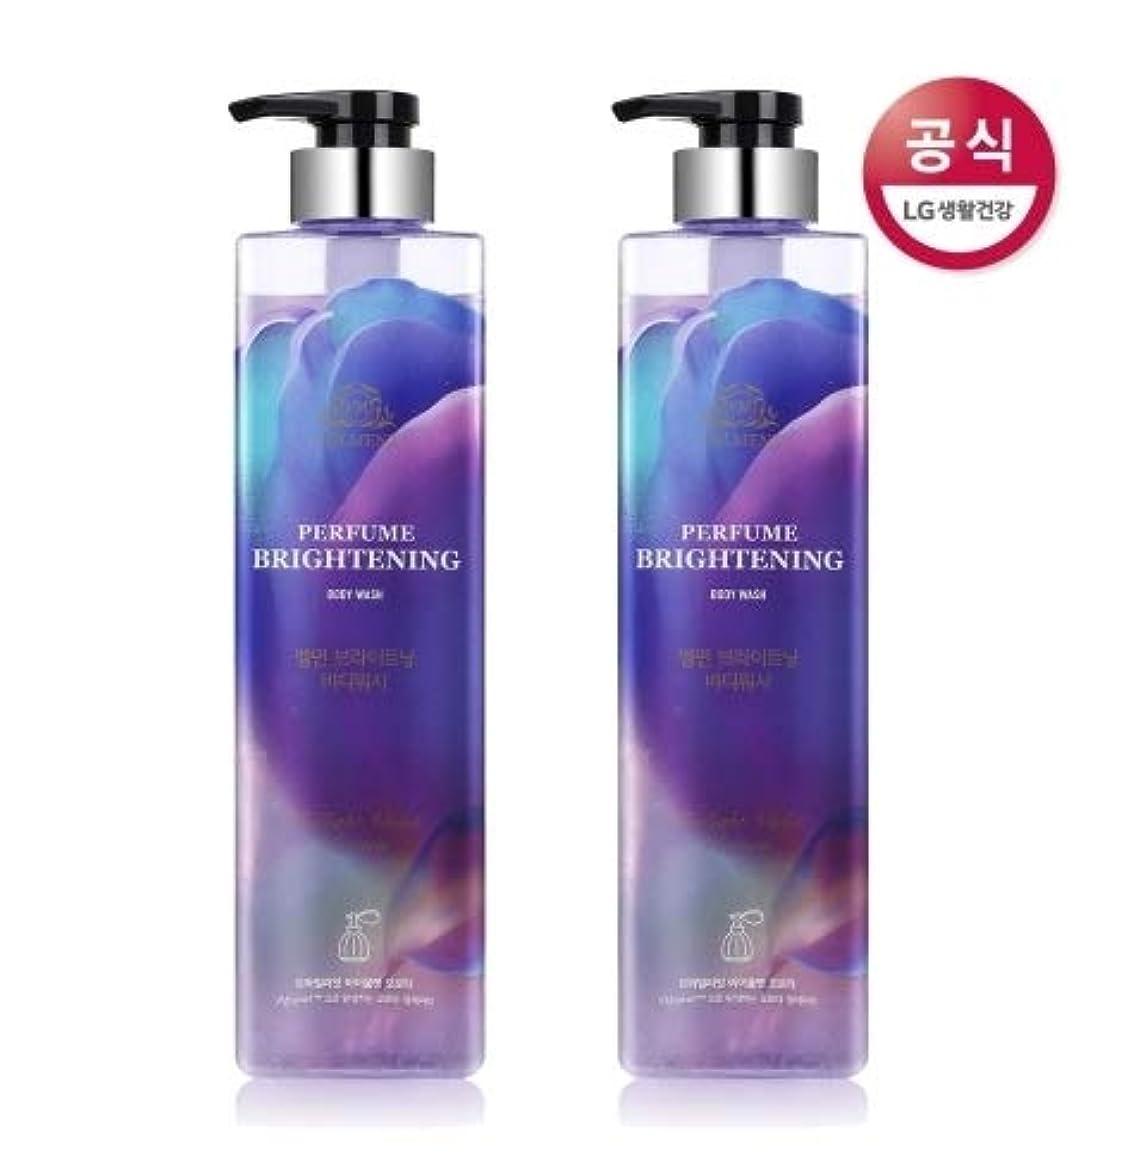 直立倒産ネイティブ[LG HnB] On the Body Belman Perfume Brightening Body Wash / オンザボディベルモンパフュームブライトニングボディウォッシュ680mlx2個(海外直送品)